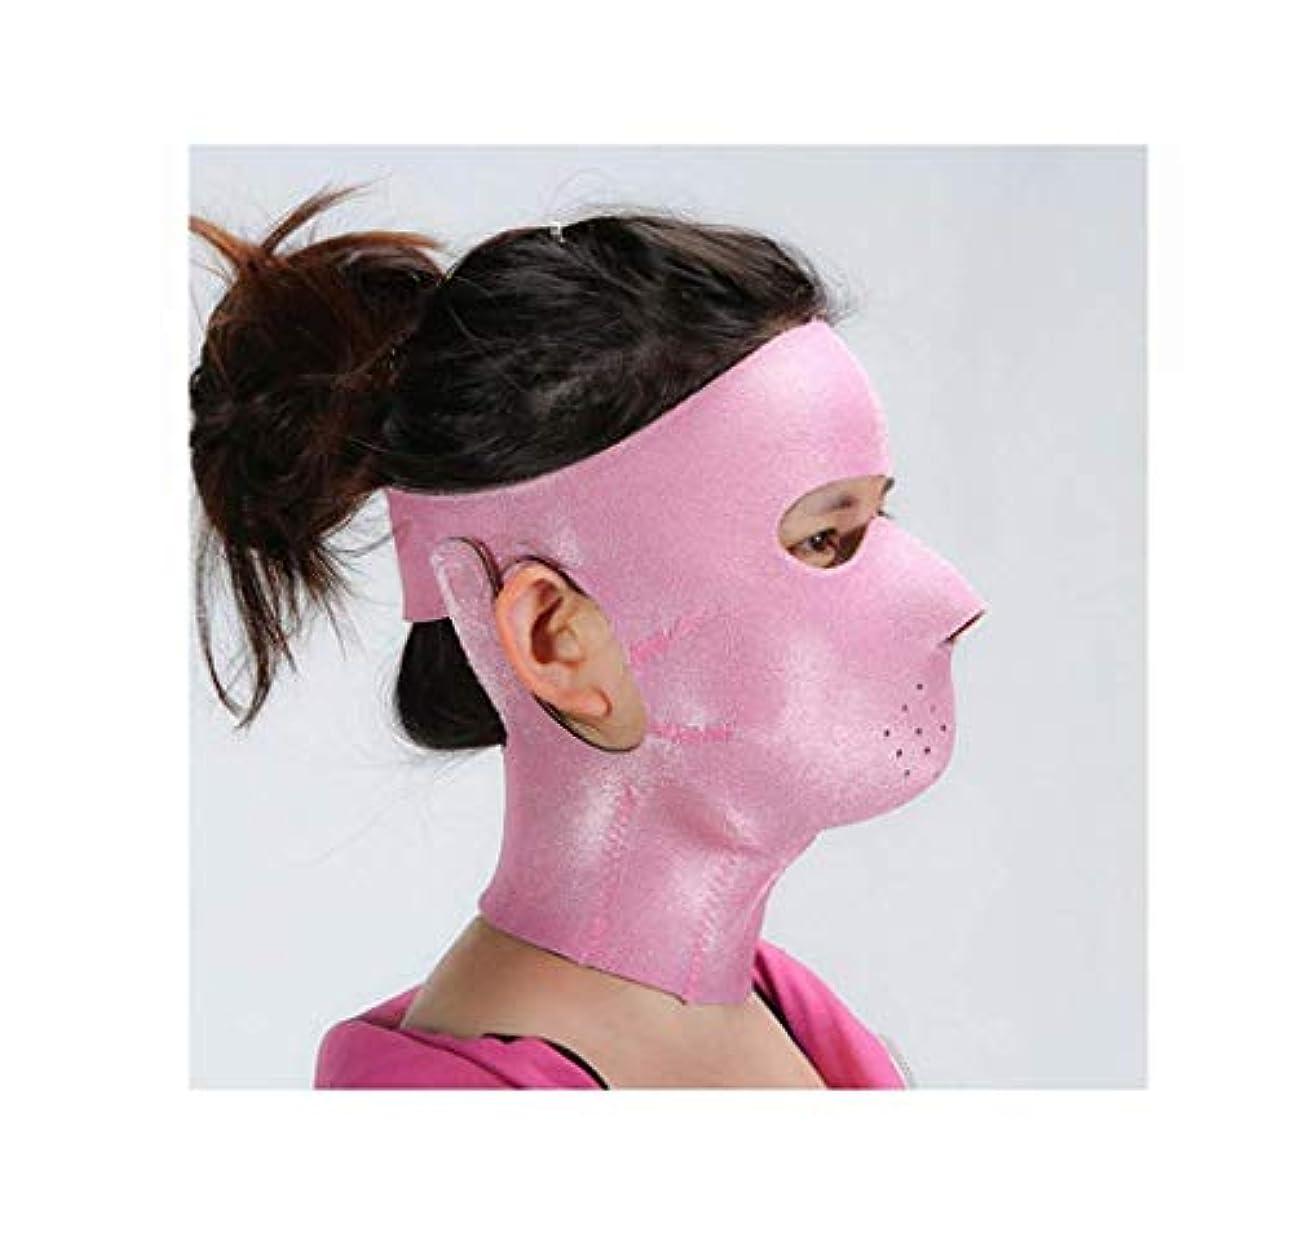 無駄新しい意味再集計フェイスリフトマスク、フェイシャルマスクプラス薄いフェイスマスクタイトなたるみの薄いフェイスマスクフェイシャル薄いフェイスマスクアーティファクトビューティーネックストラップ付き